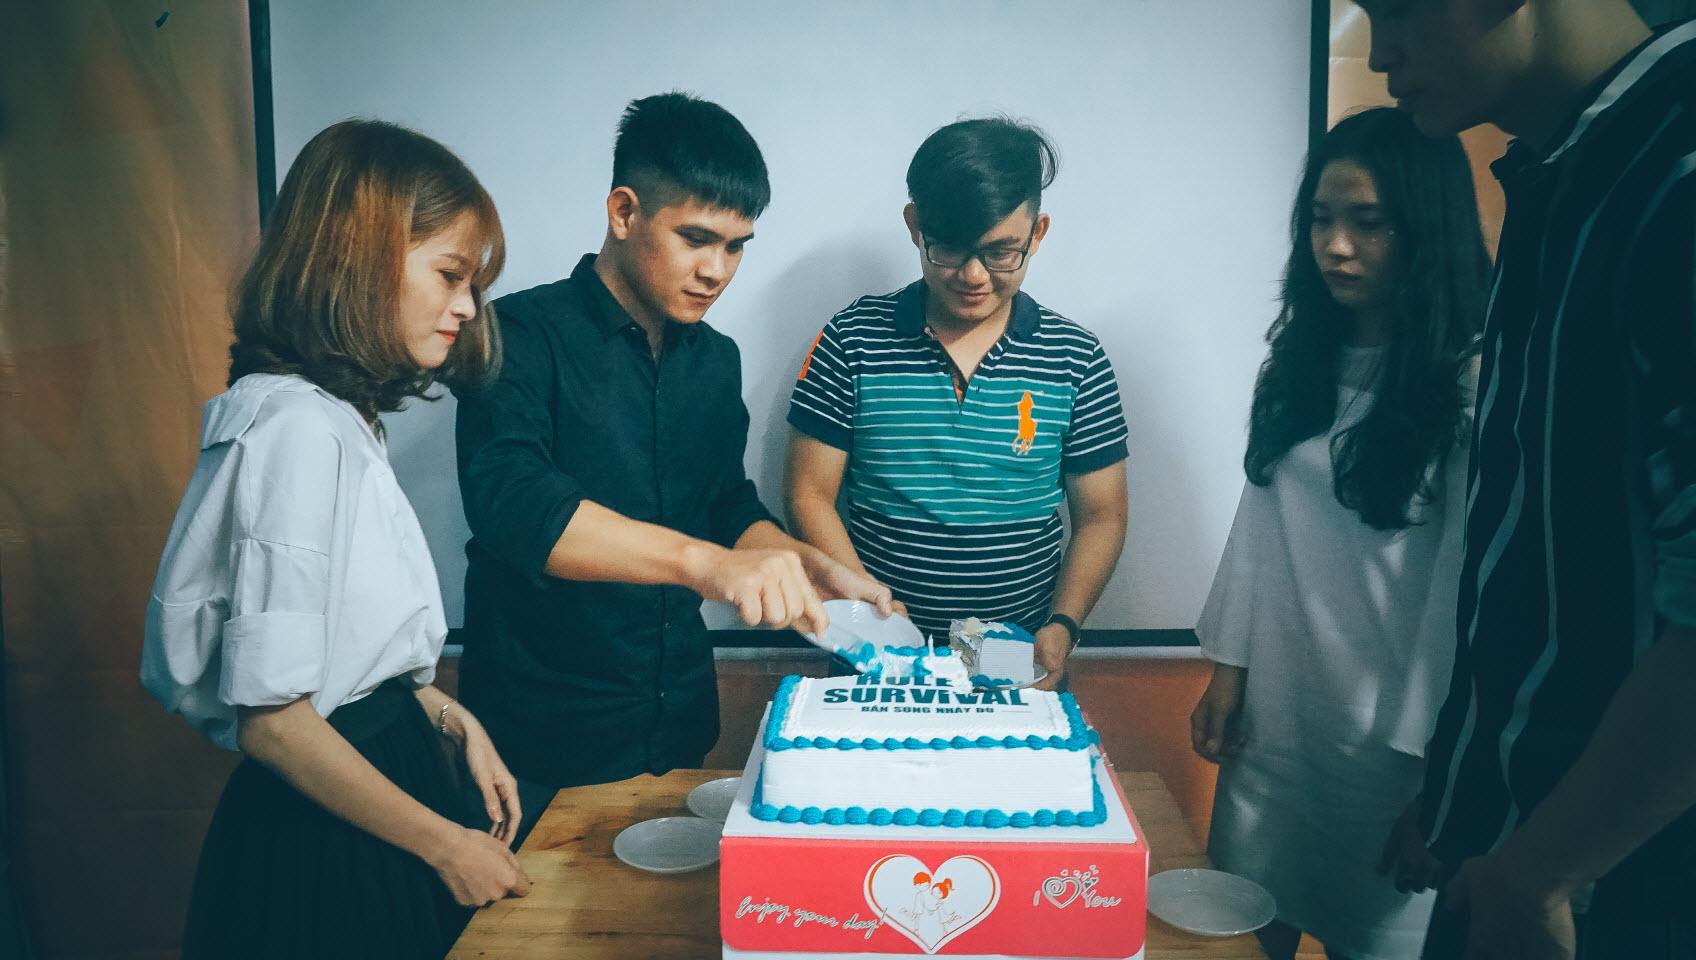 Cộng đồng Rules of Survival tổ chức offline mừng sinh nhật tại Hồ Chí Minh 19